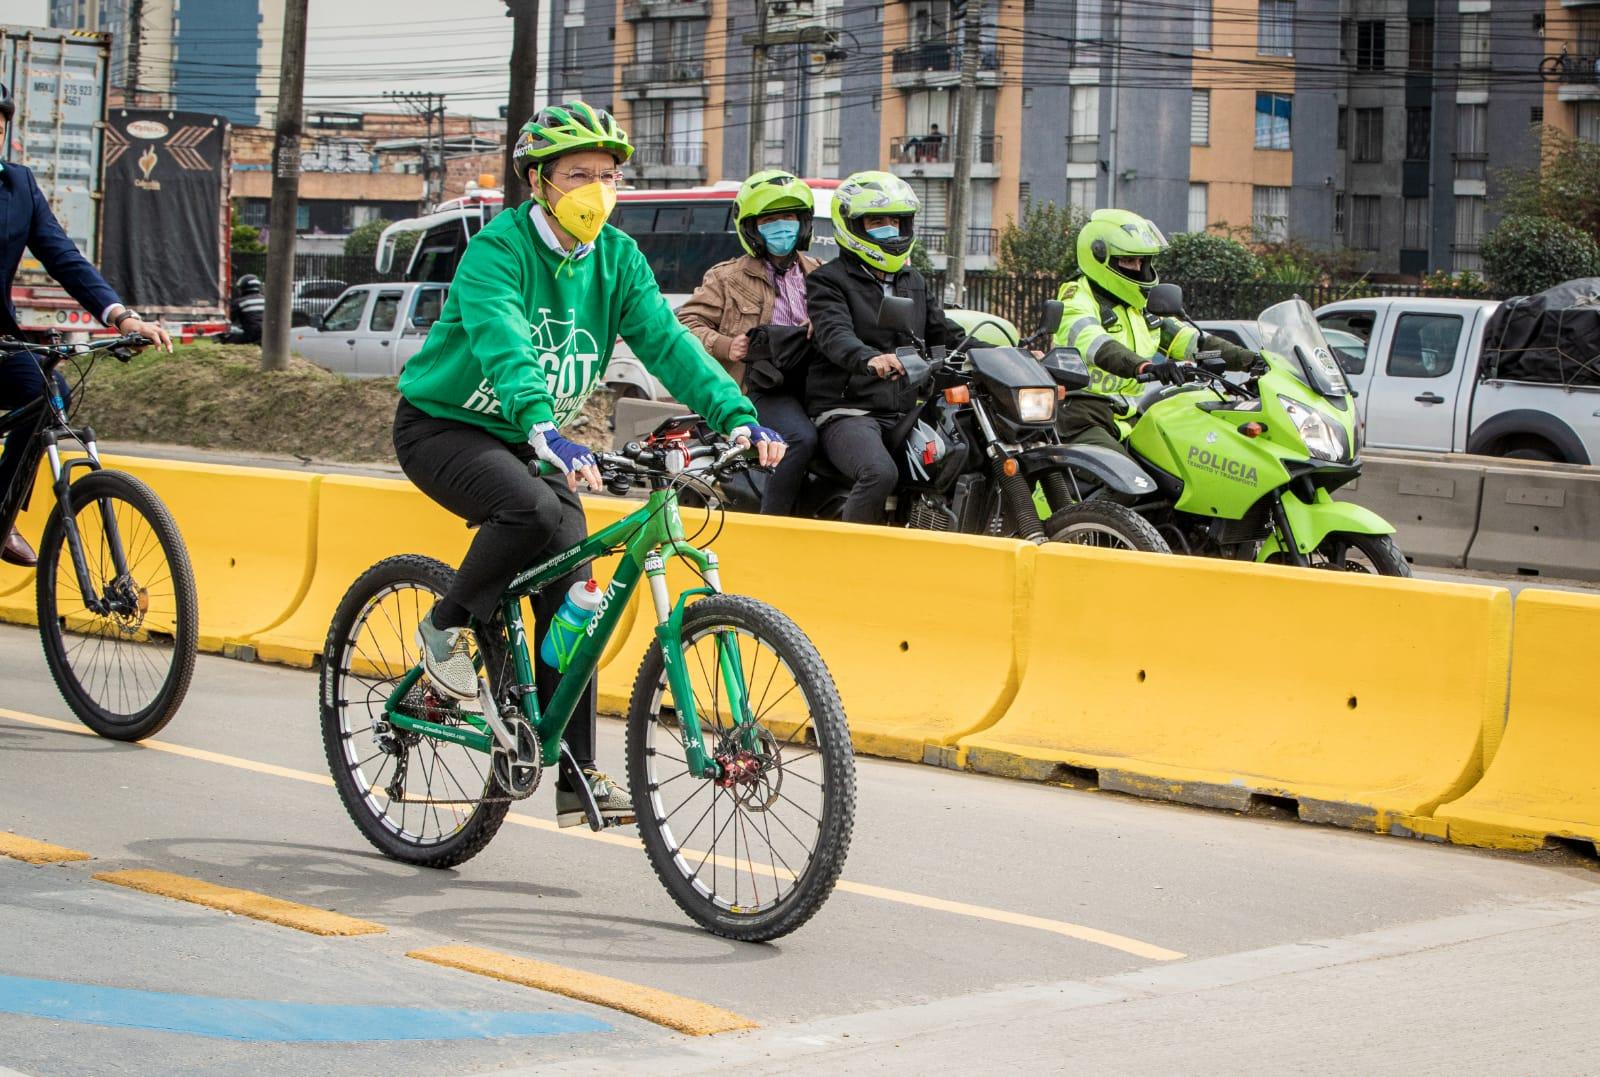 ¡Más de 7.400 ciclistas por día ya se benefician con la nueva franja ciclopeatonal de la calle 13!